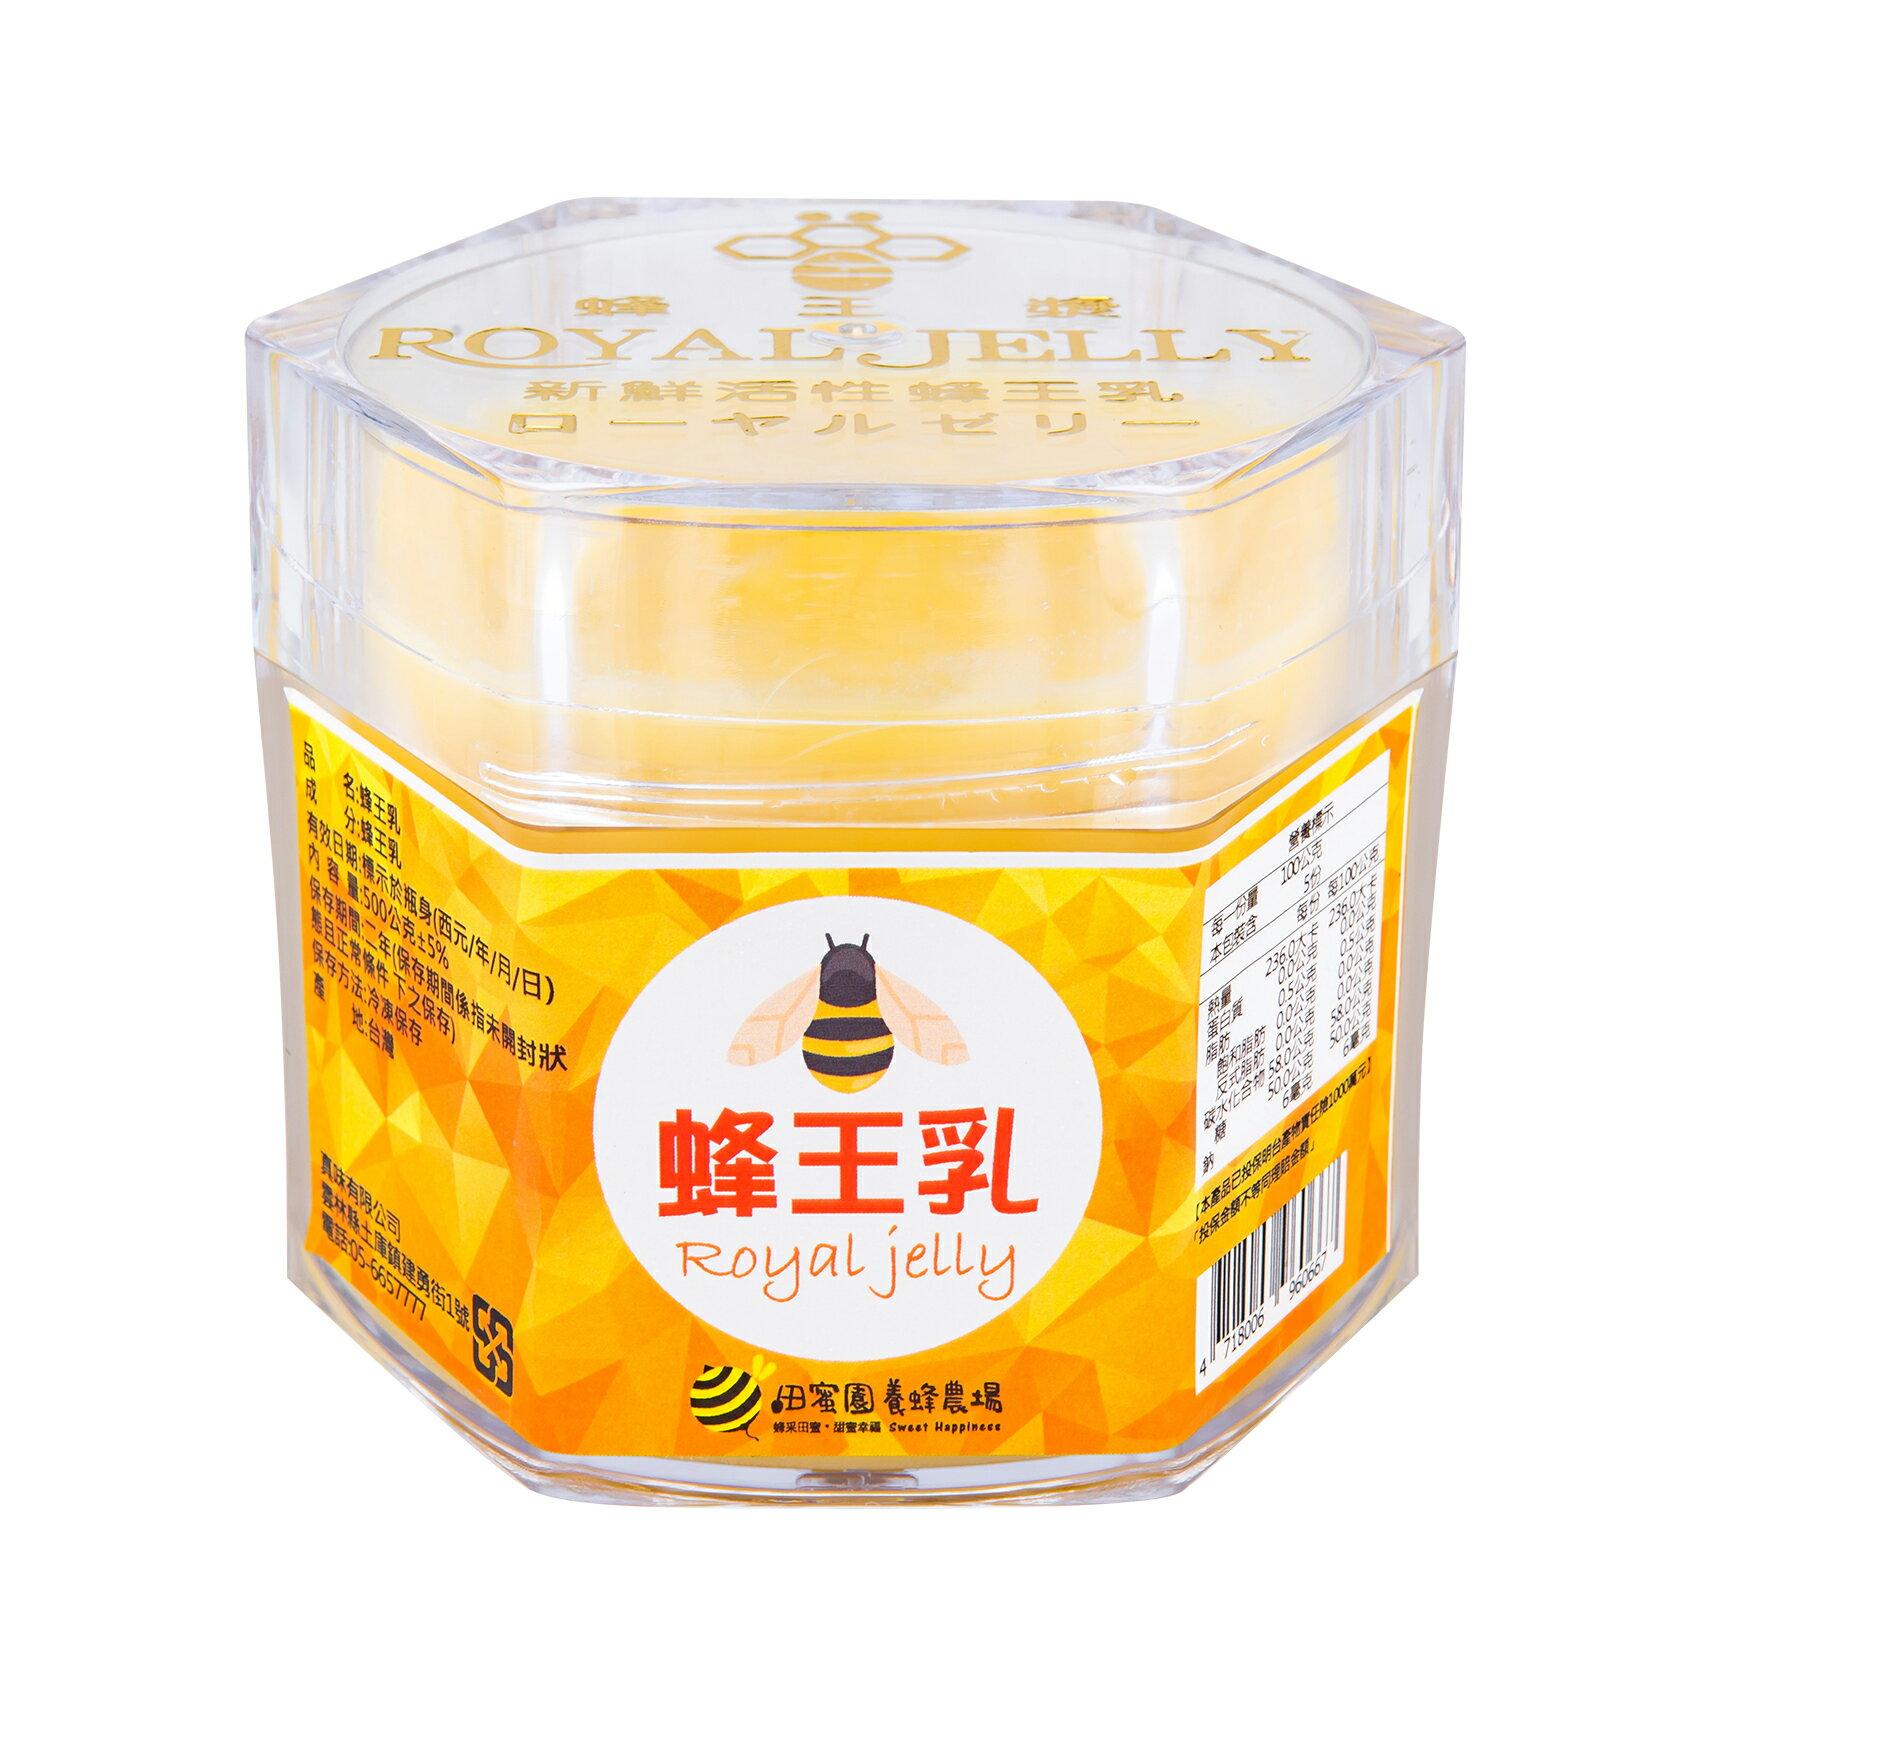 【田蜜園養蜂農場】真味有限公司|台灣自產蜂王乳|榮獲2012國產龍眼蜂蜜評鑑《特等獎》|蜂蜜、蜂花粉、蜂王乳、蜂蜜醋系列